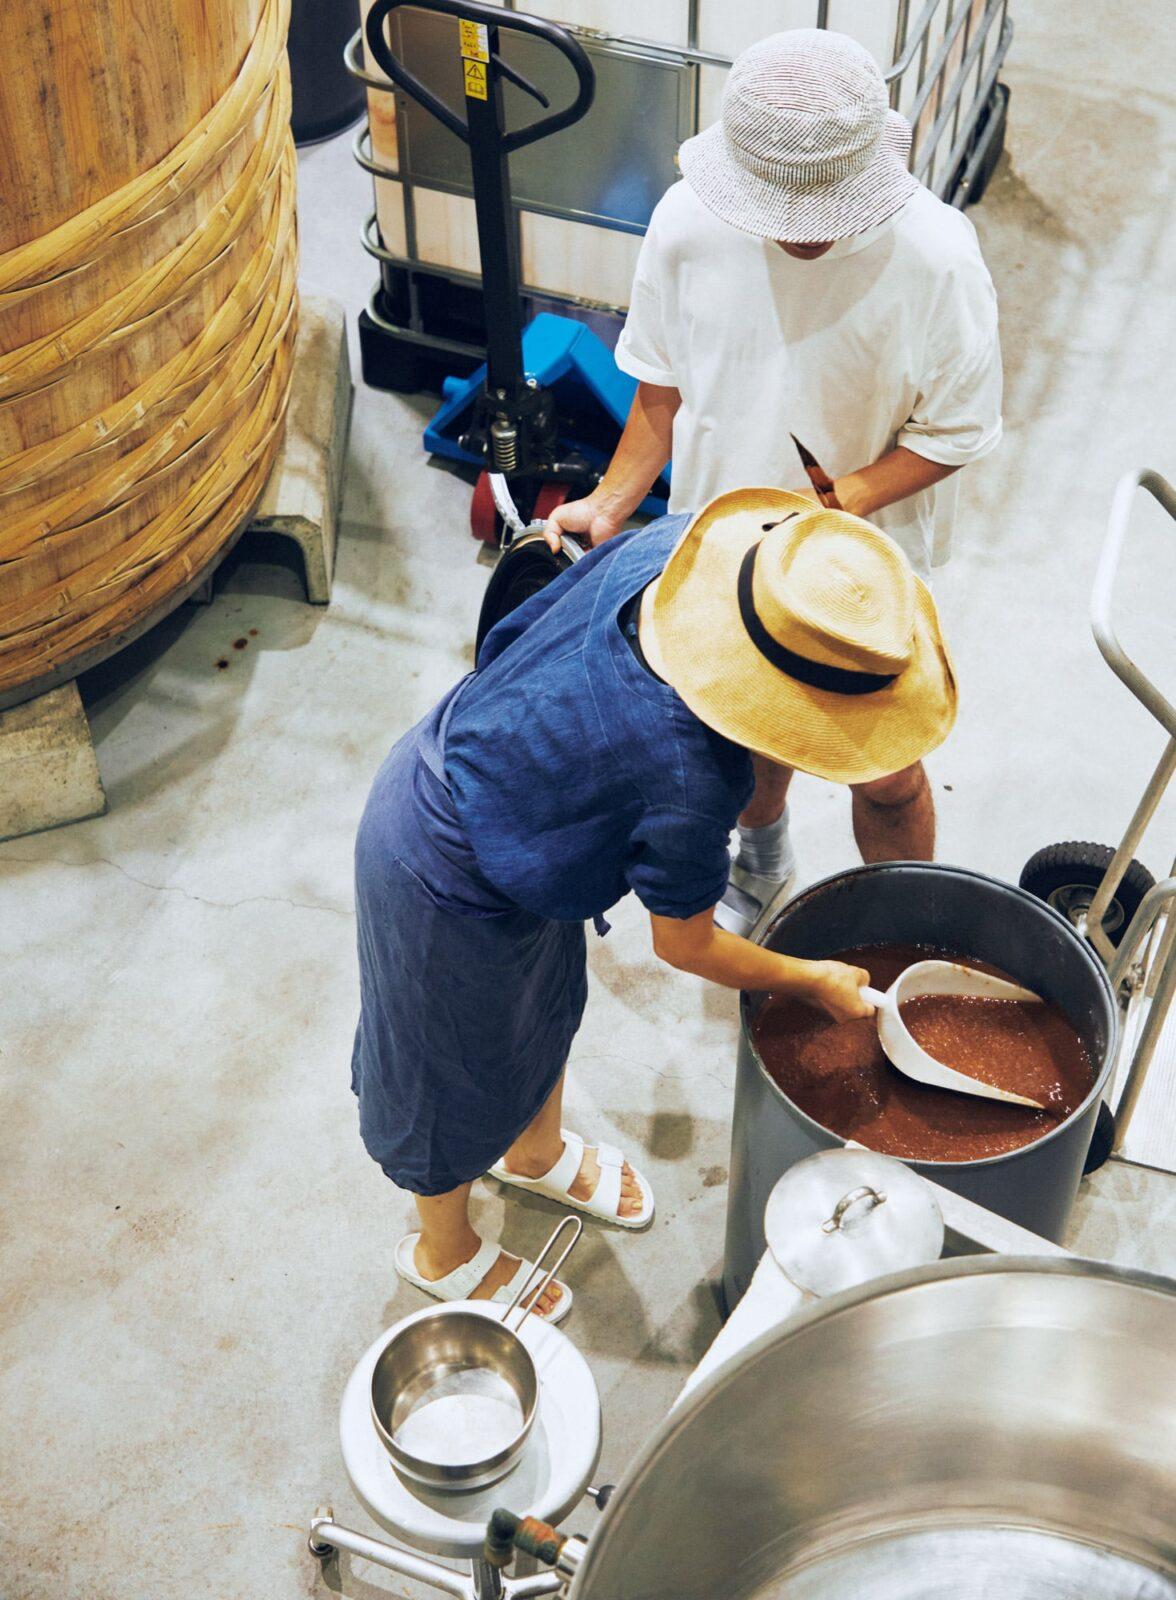 桃や梅など果実を発酵させる工房で。蒸留後に残ったもろみでケチャップを試作中。